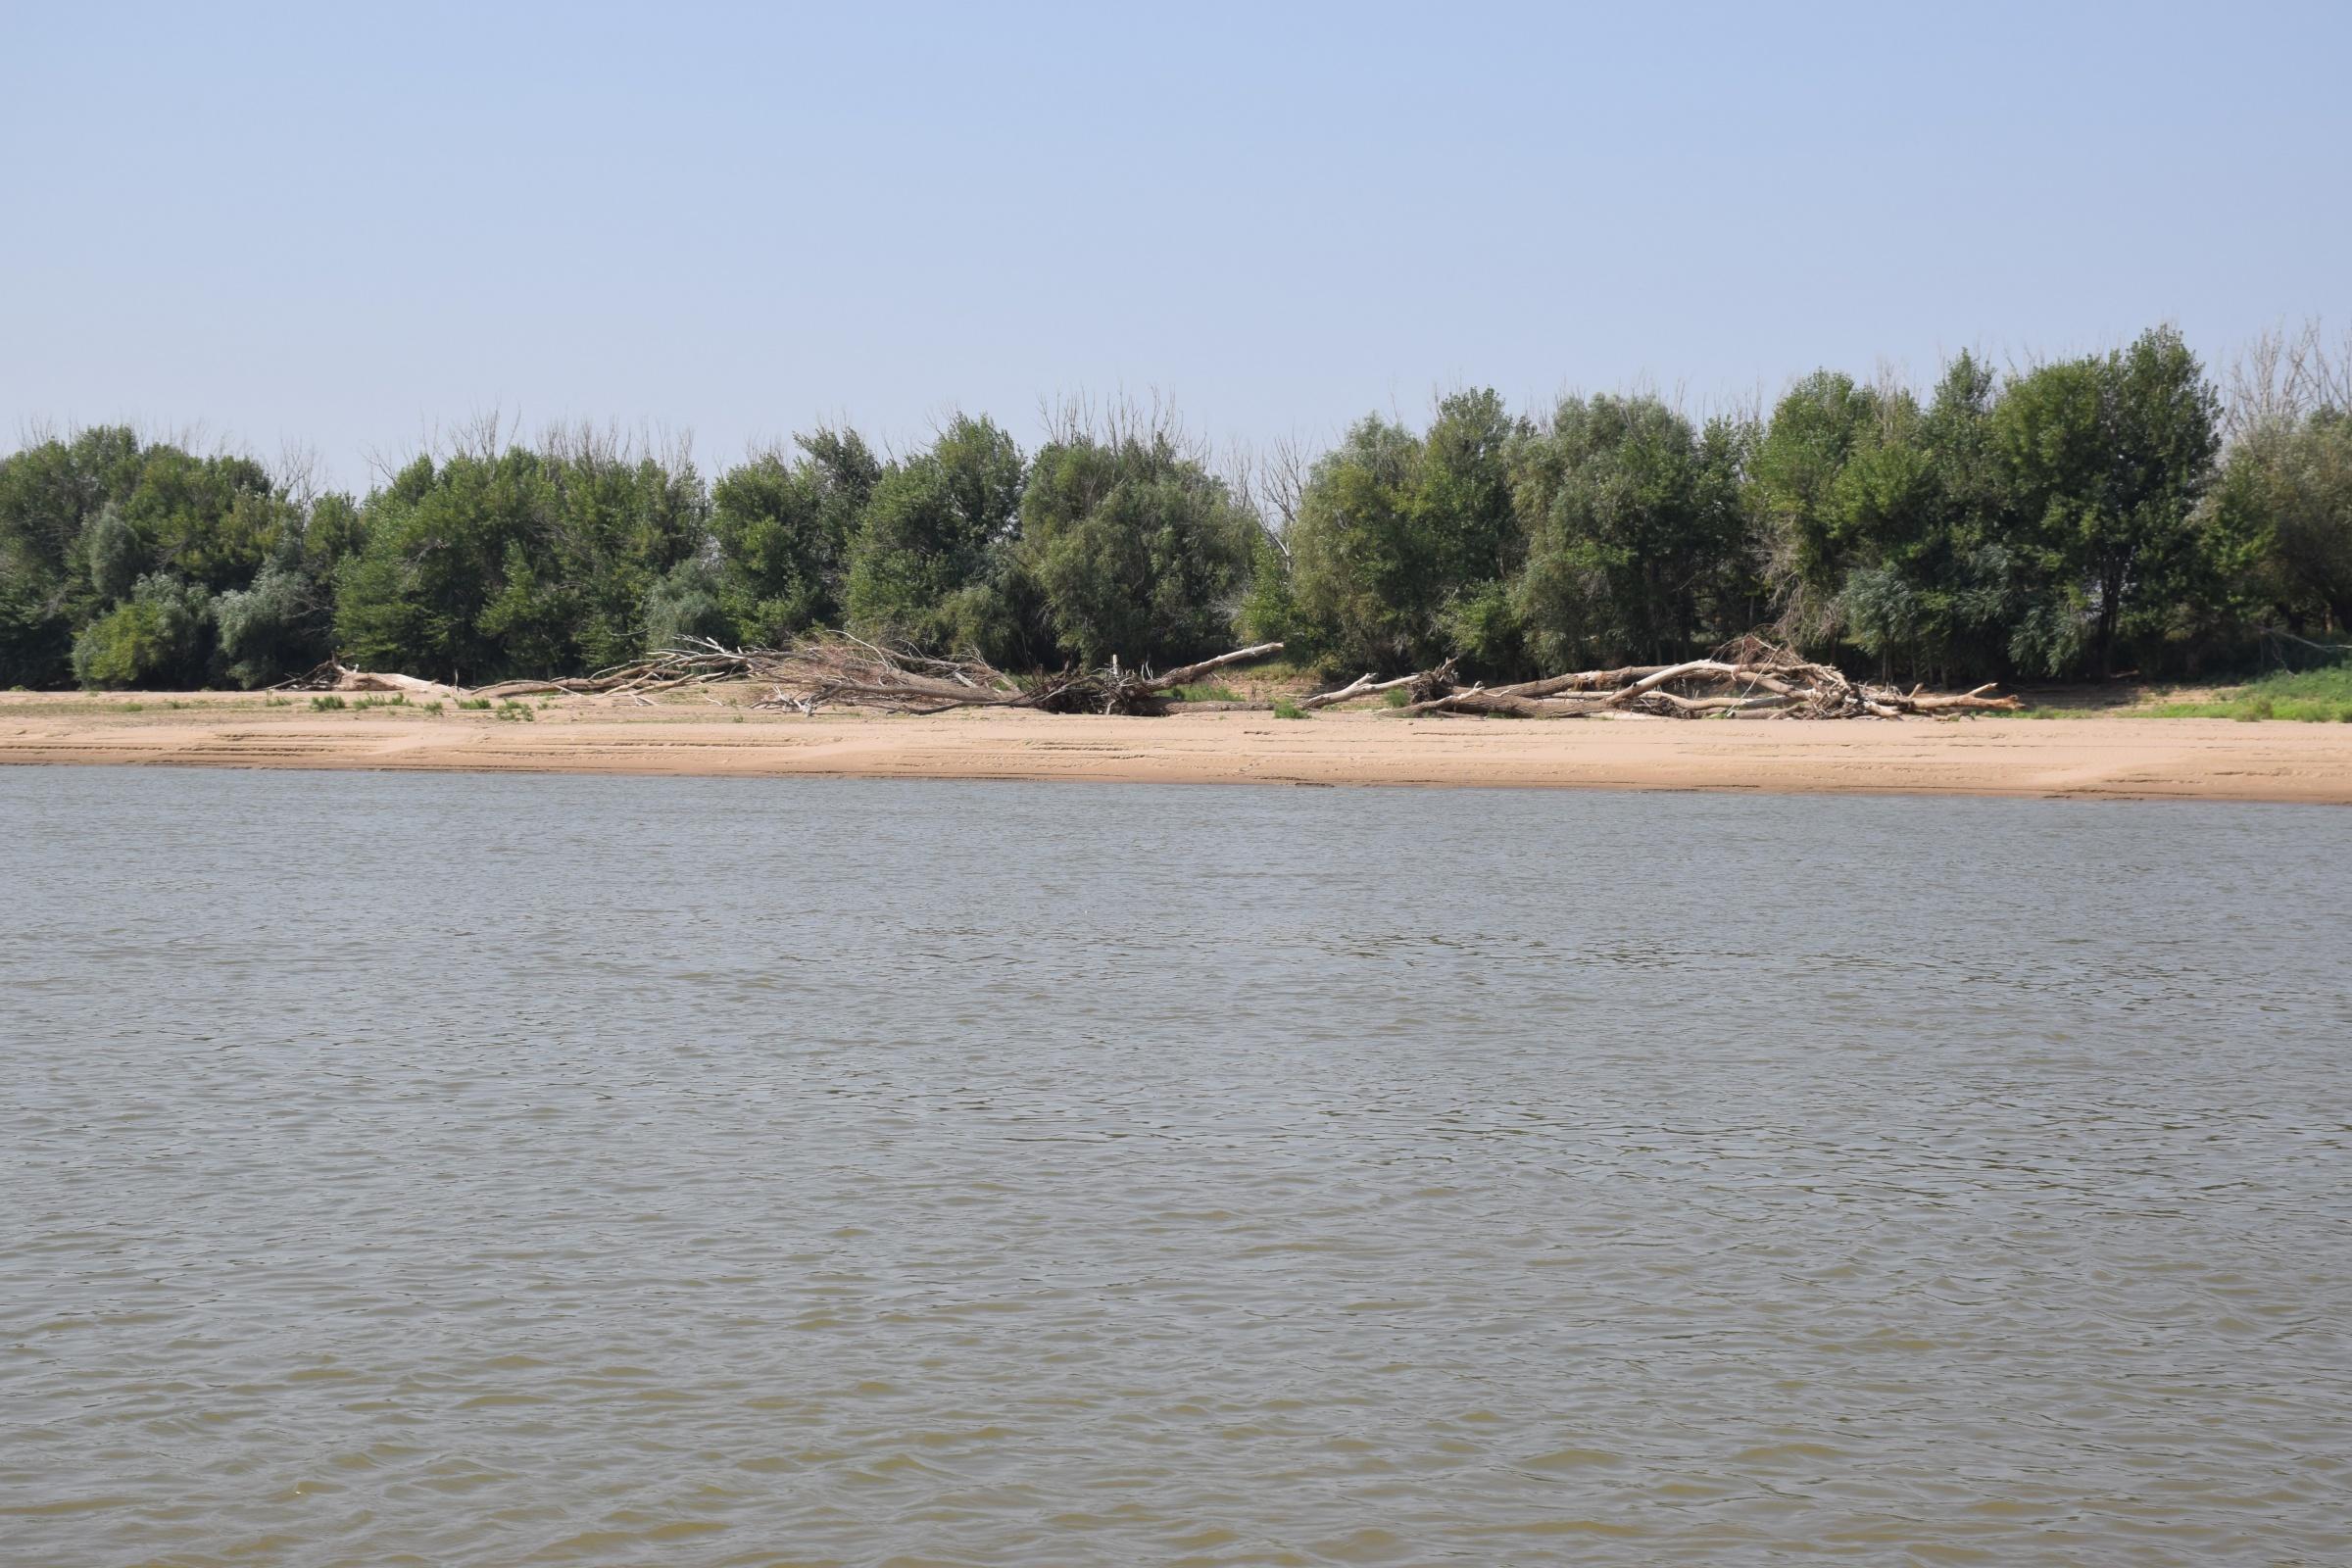 Казахстан и Россия сформируют экспертную группу для исследования реки Урал